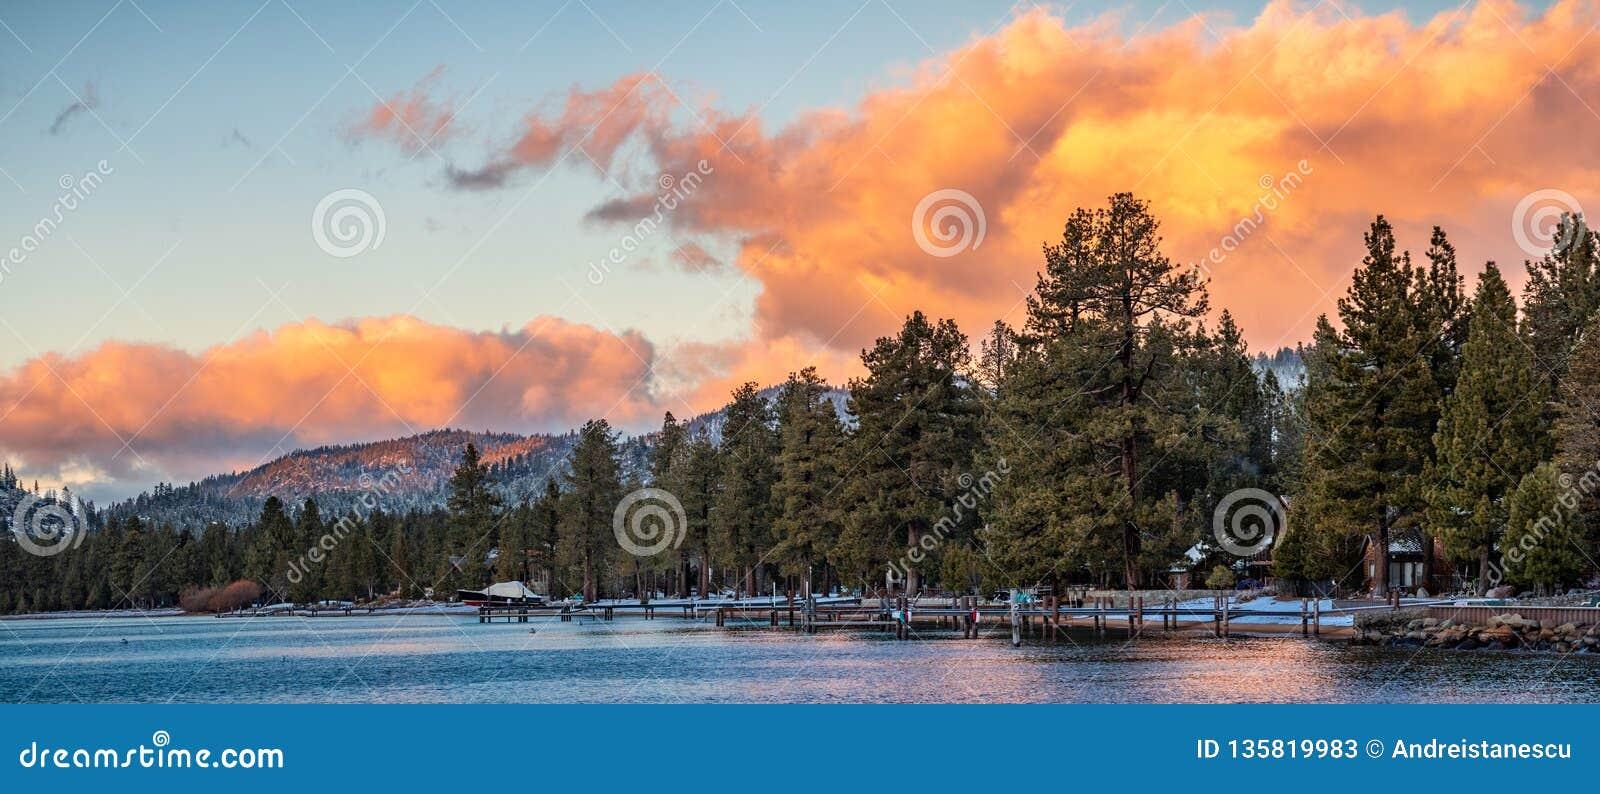 Mooie zonsondergangmeningen van de oever van Zuidenmeer Tahoe, huizen zichtbaar onder pijnboombomen